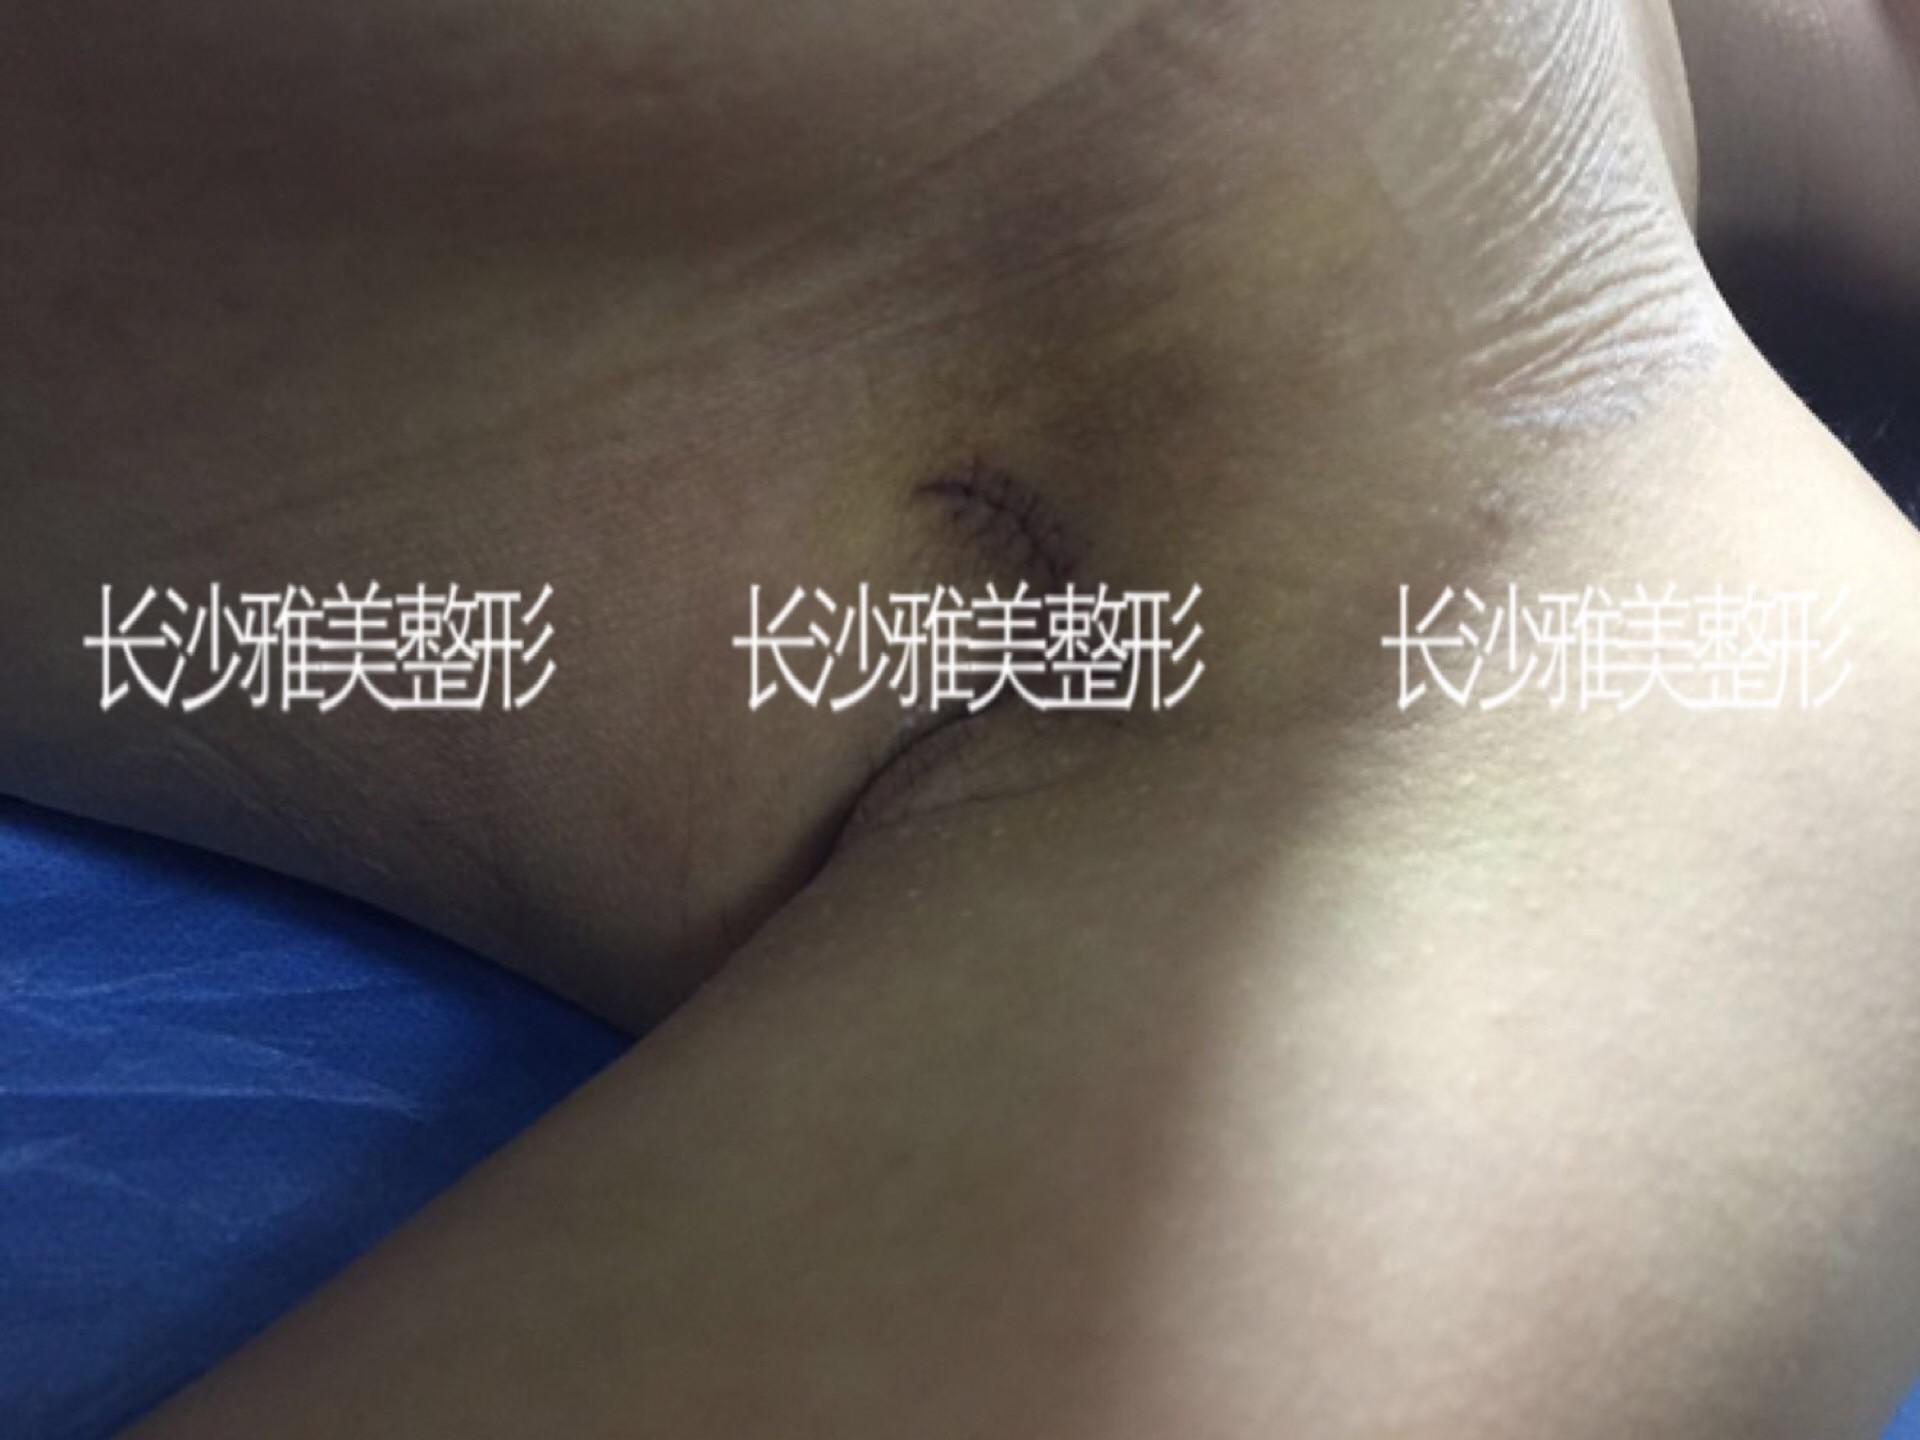 假体隆胸拥有美丽身材